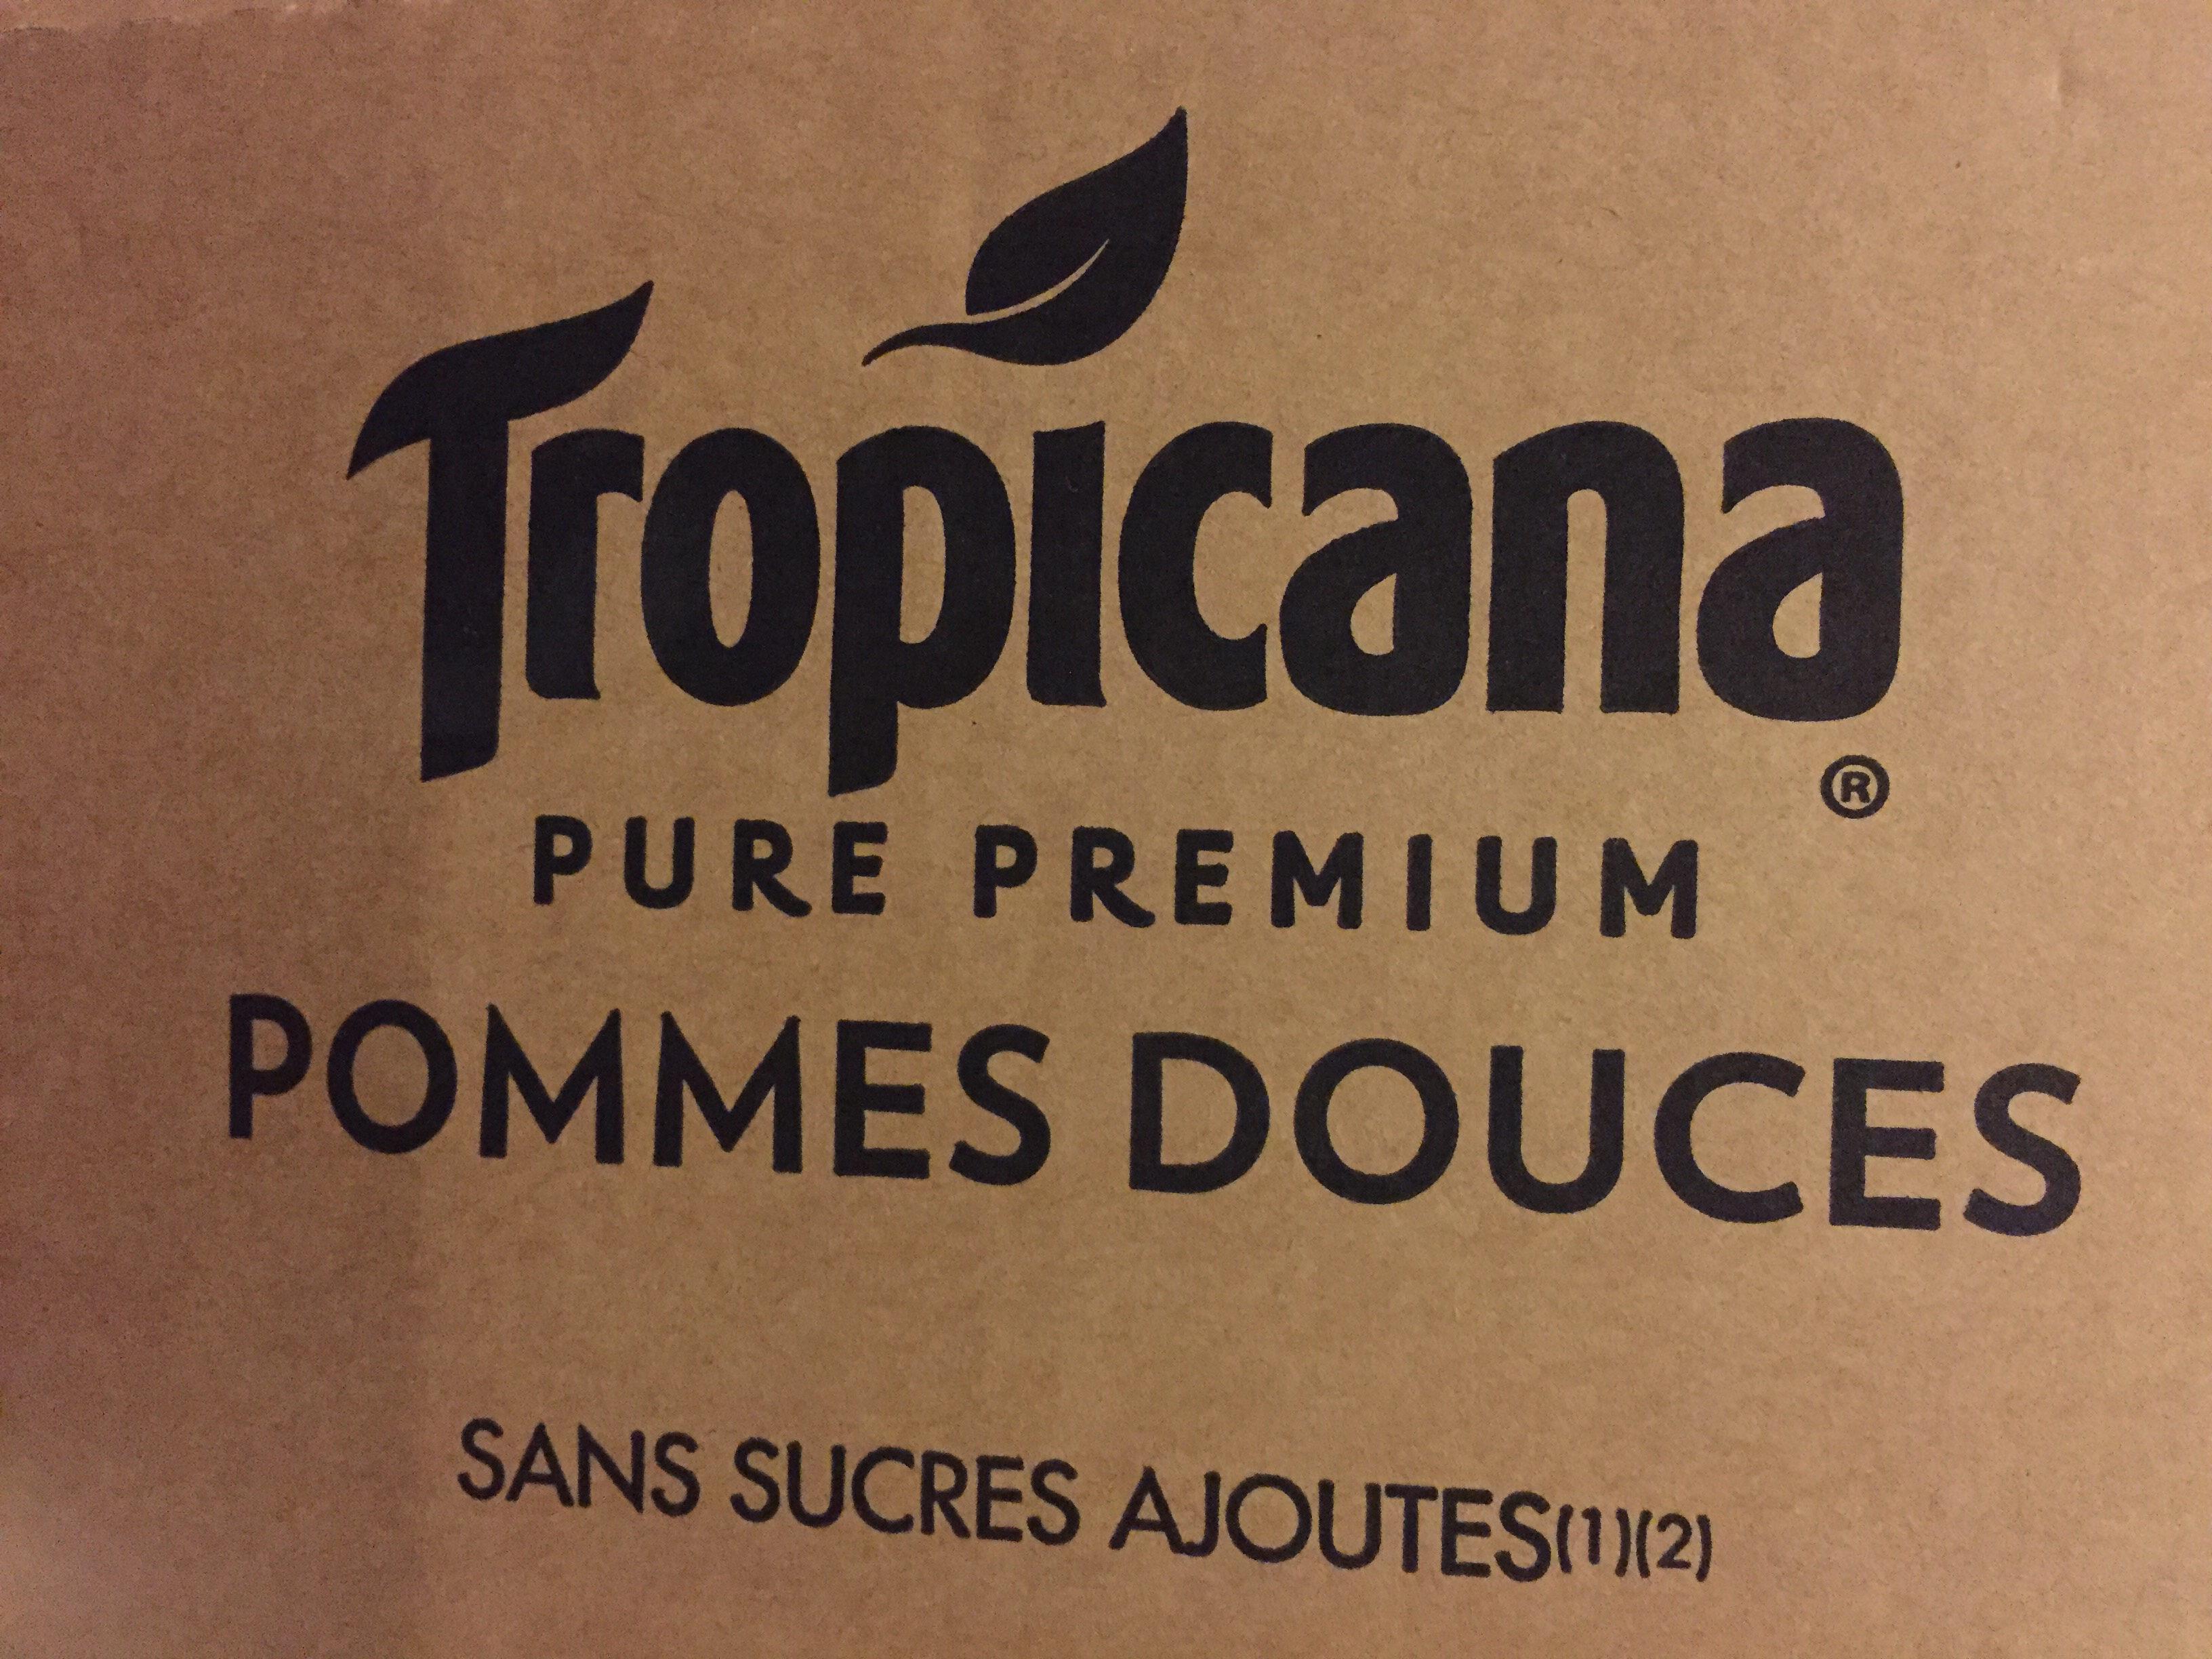 Pure Premium Pommes douces - Product - fr